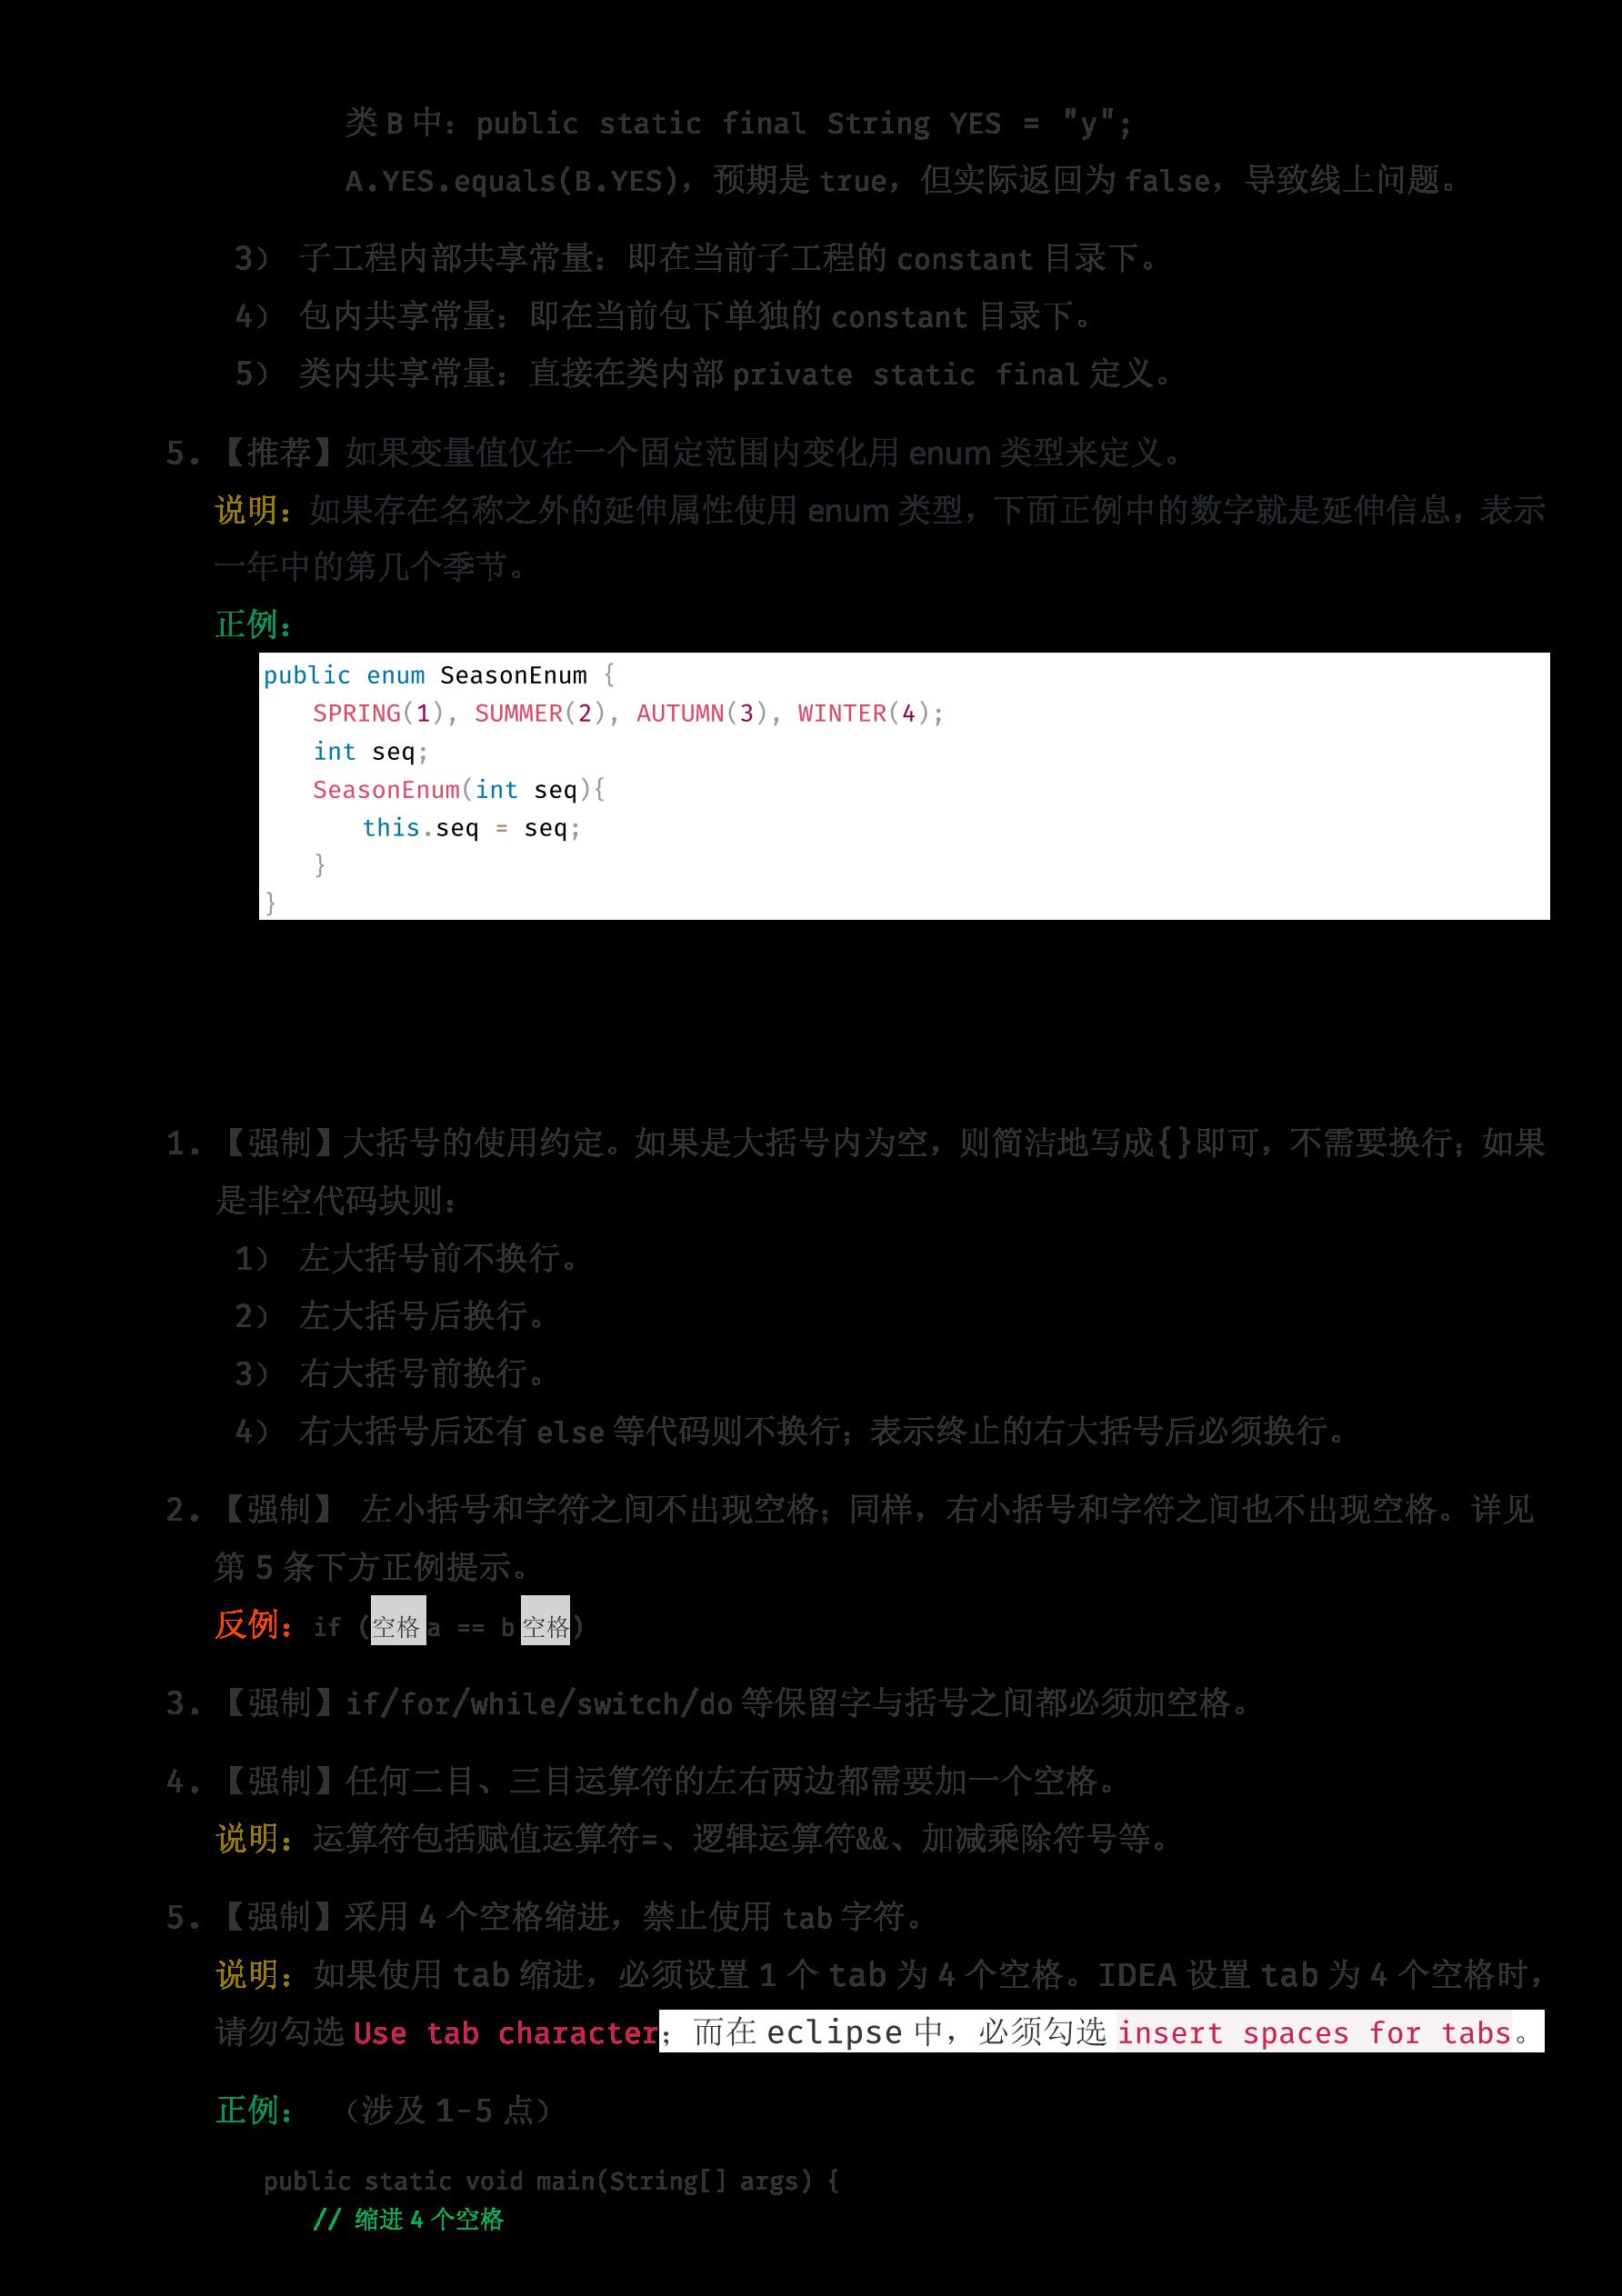 《阿里巴巴Java开发手册》